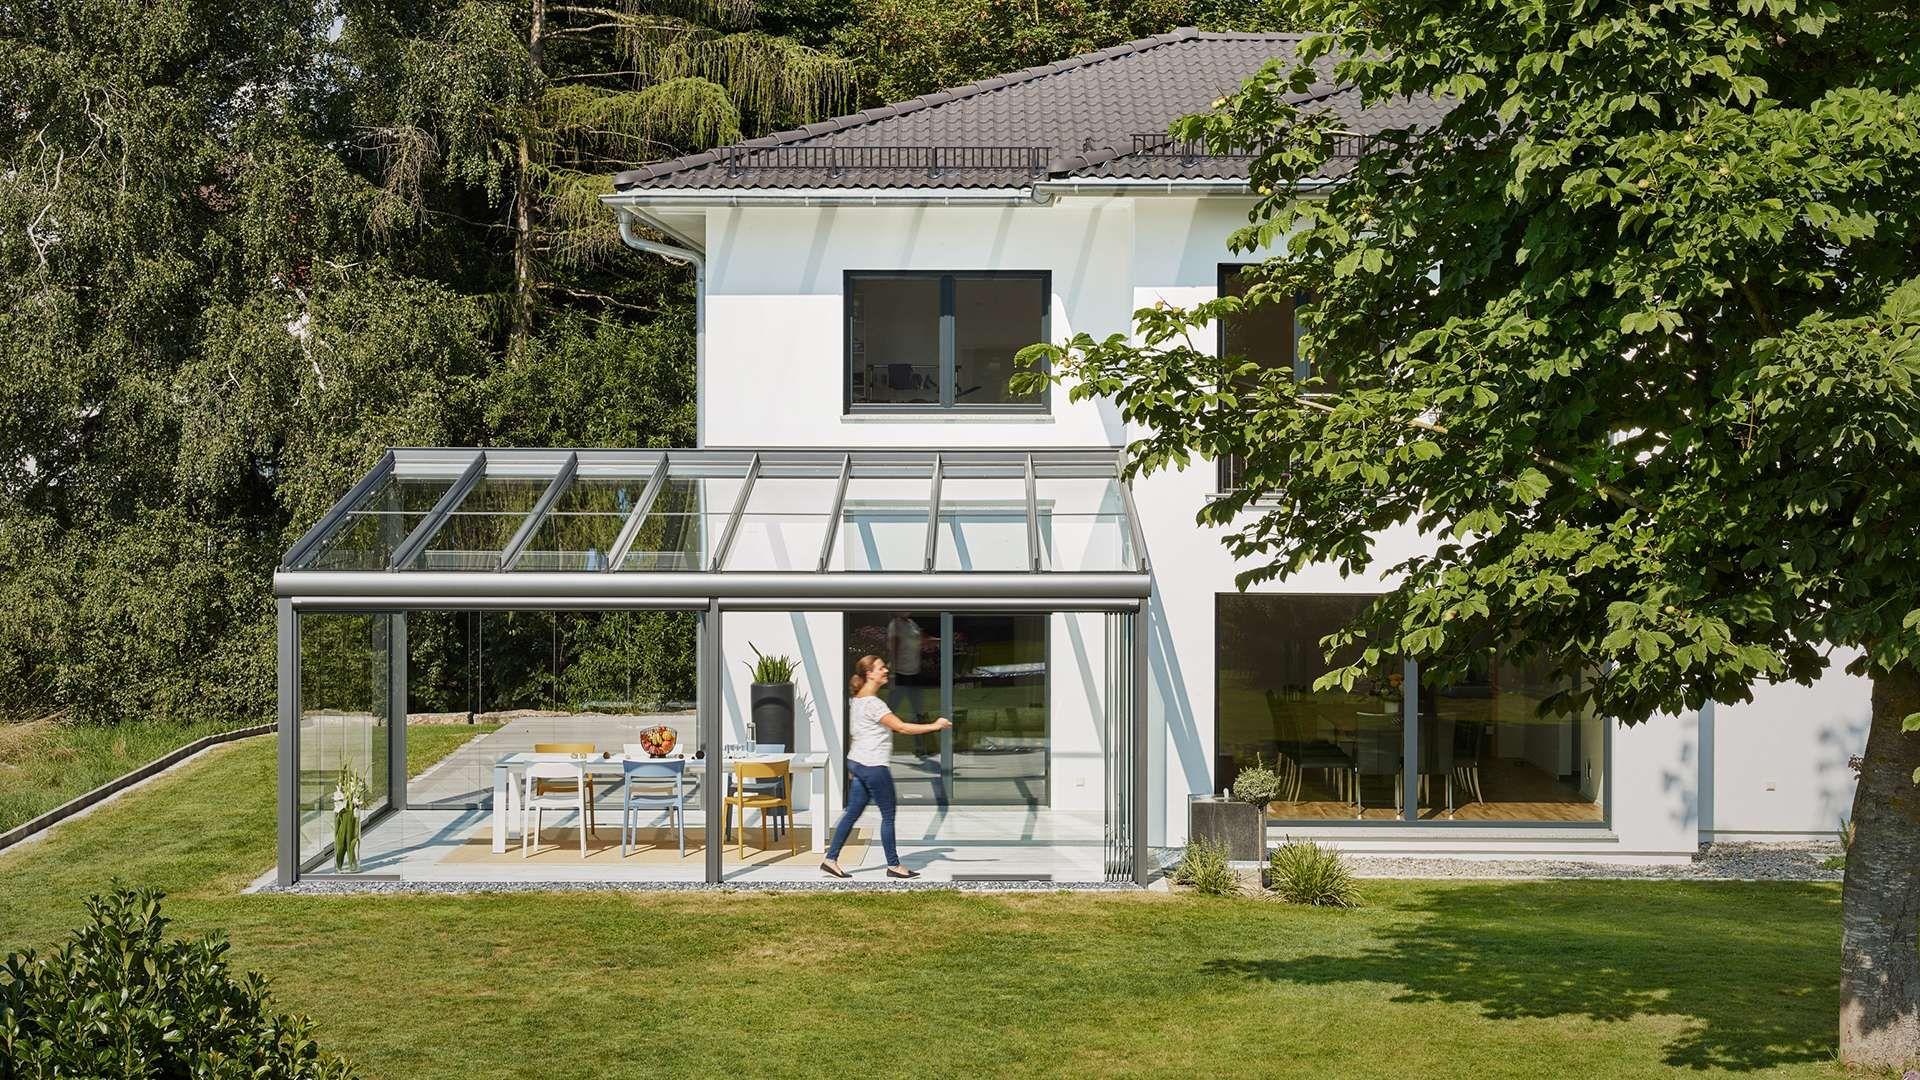 Glashaus an einem Wohnhaus mit Garten im Grünen